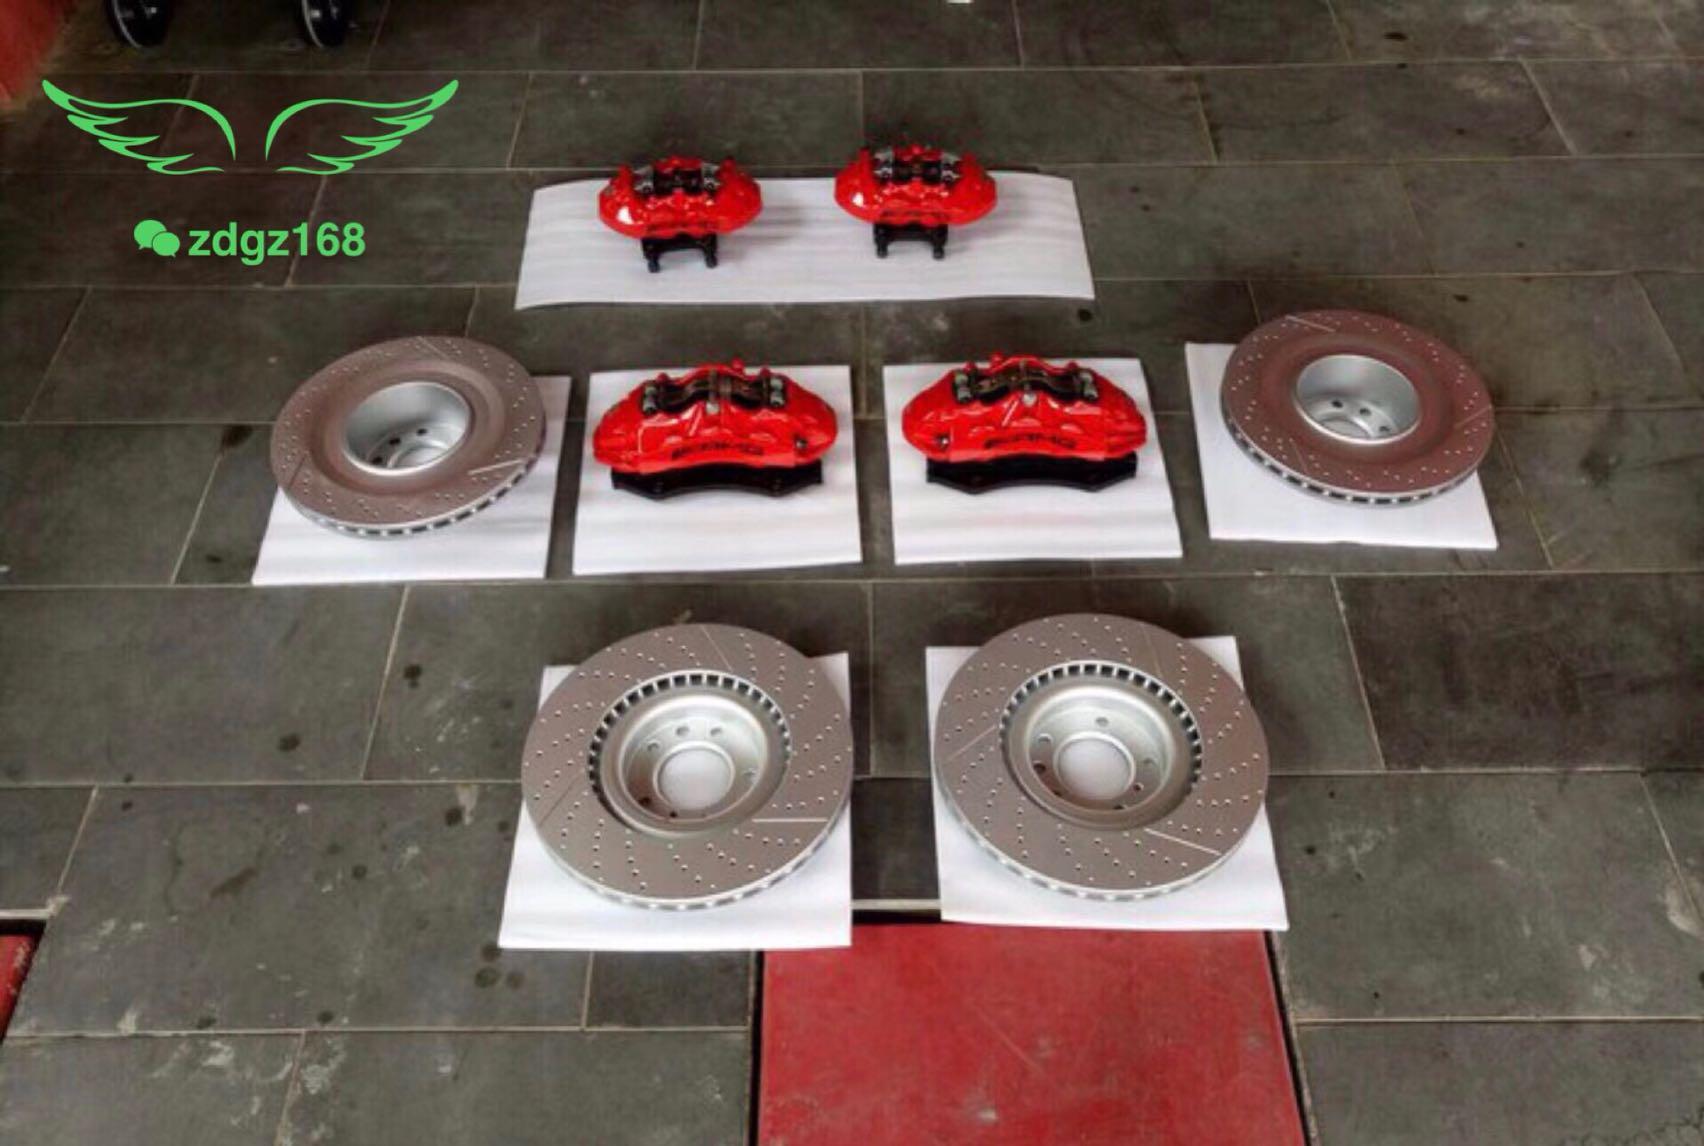 奔驰G350刹车改装升级原厂AMG刹车卡钳改装案例图